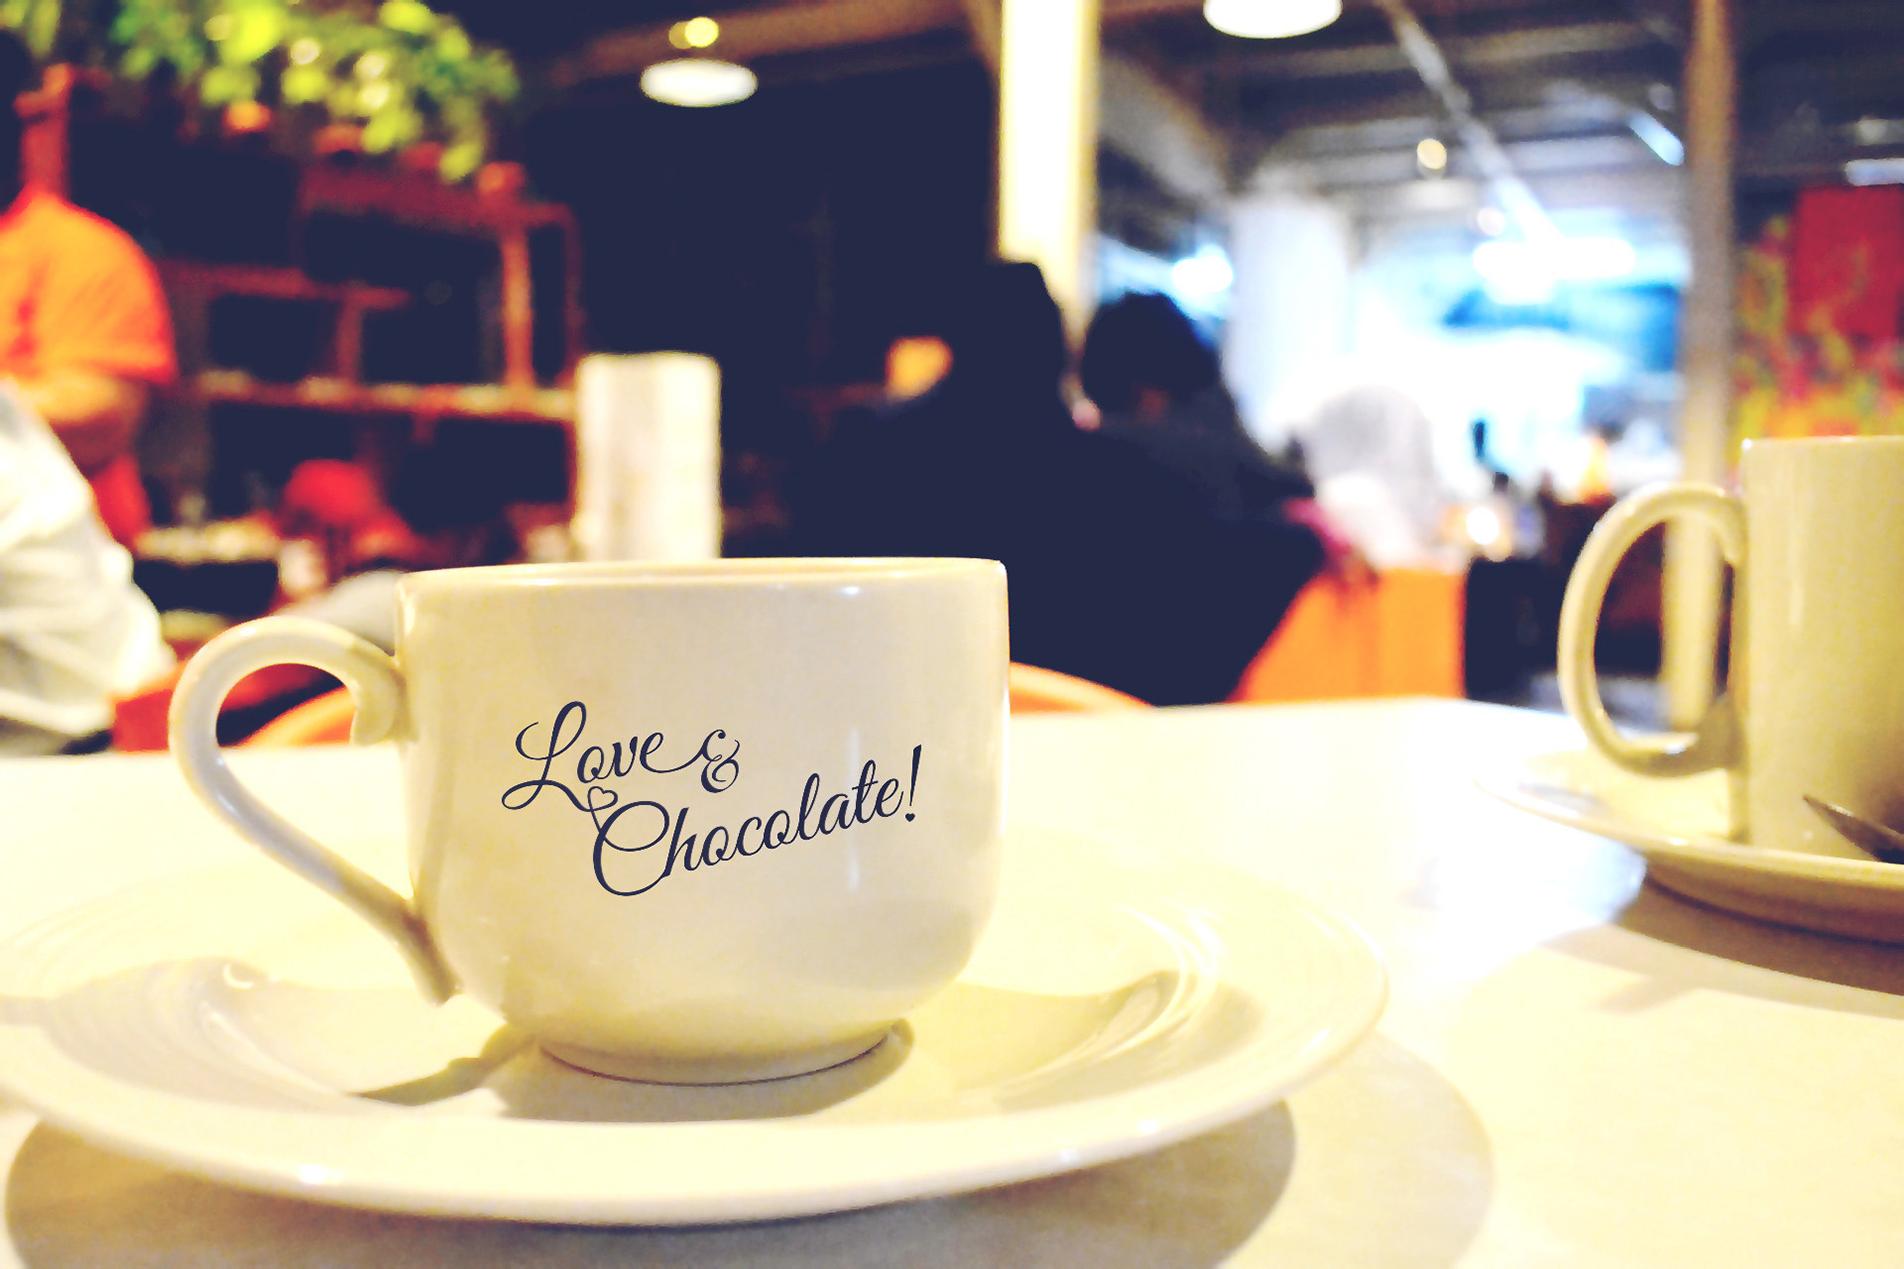 lovechocolate